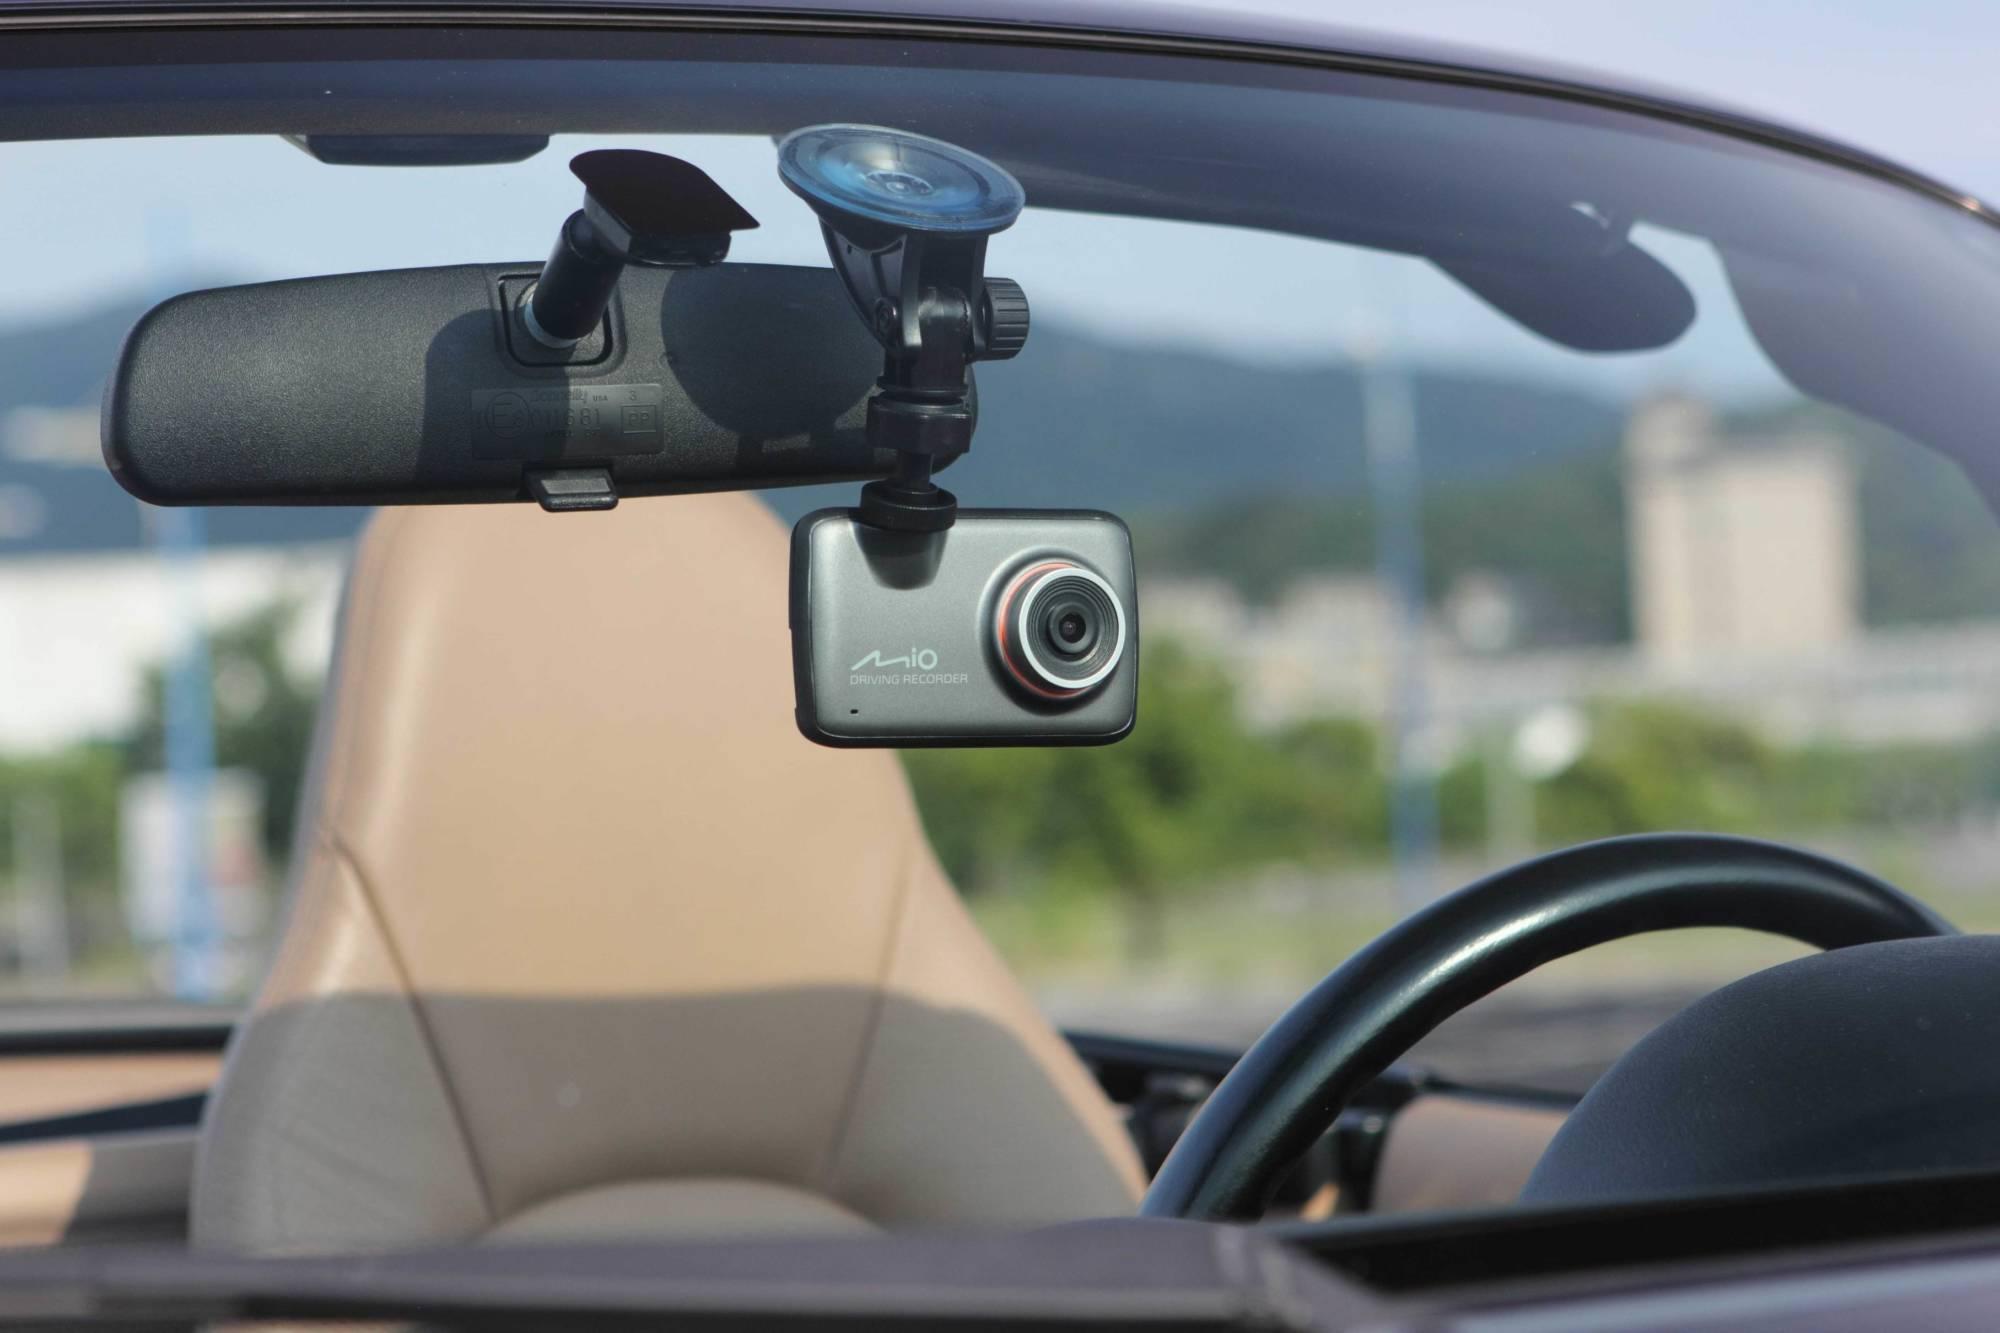 где прикрепить фото в автомобиле мой рассказ вас